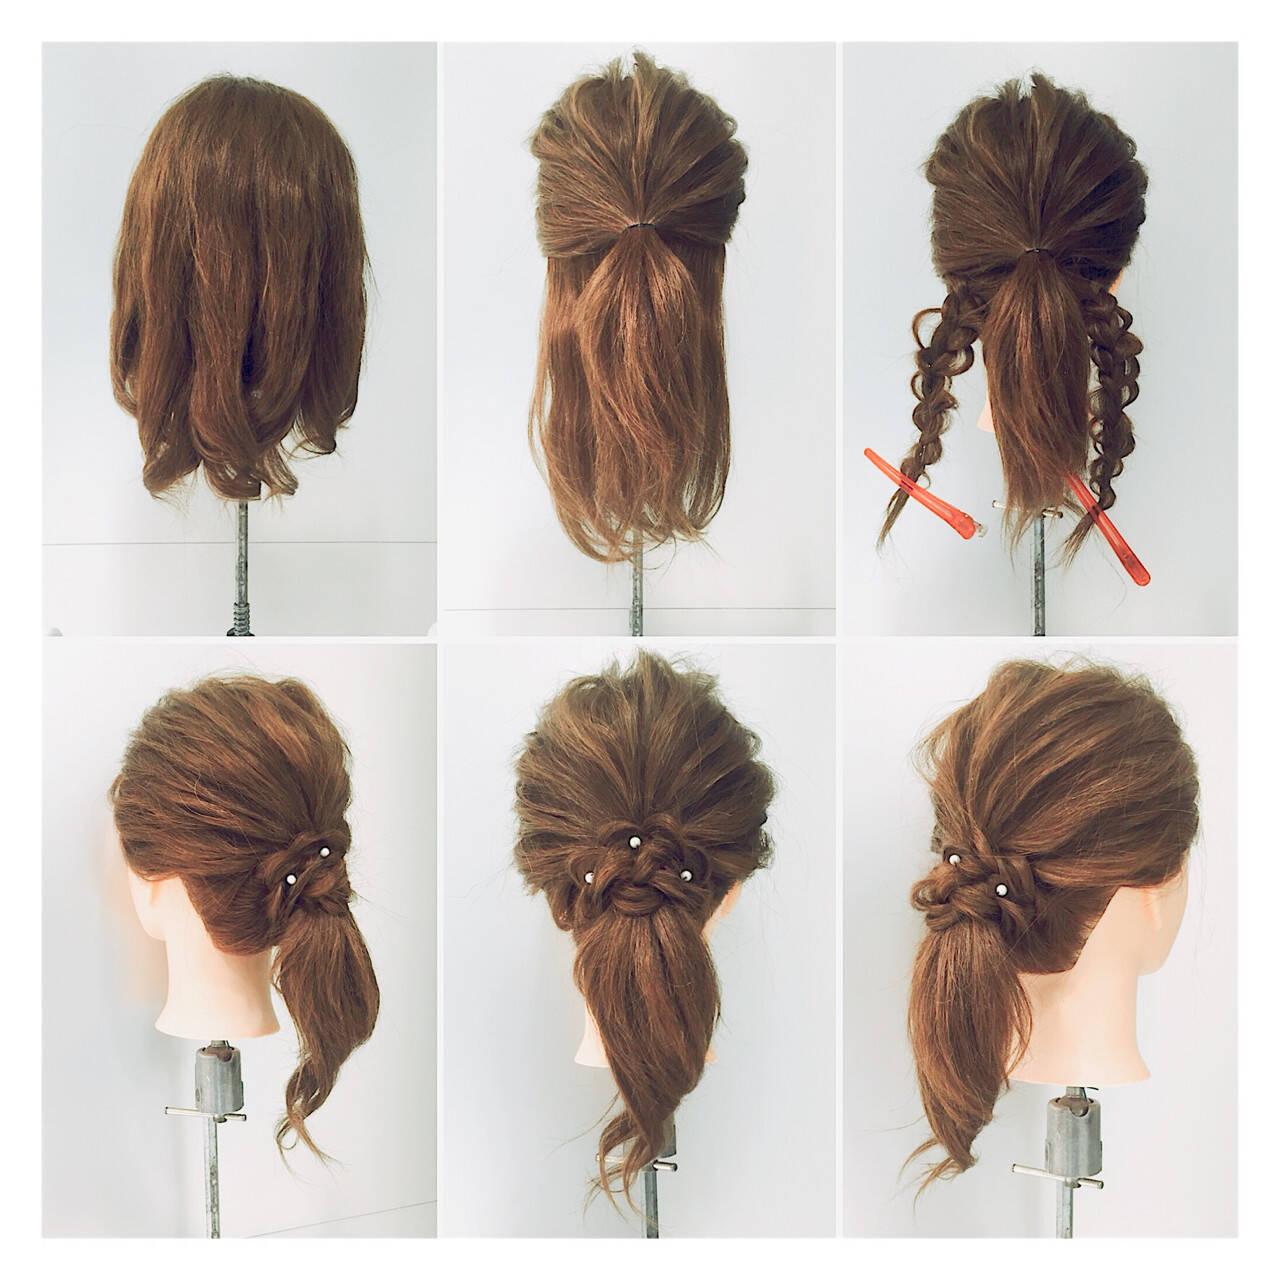 ミディアム 簡単ヘアアレンジ ねじり ヘアアレンジヘアスタイルや髪型の写真・画像